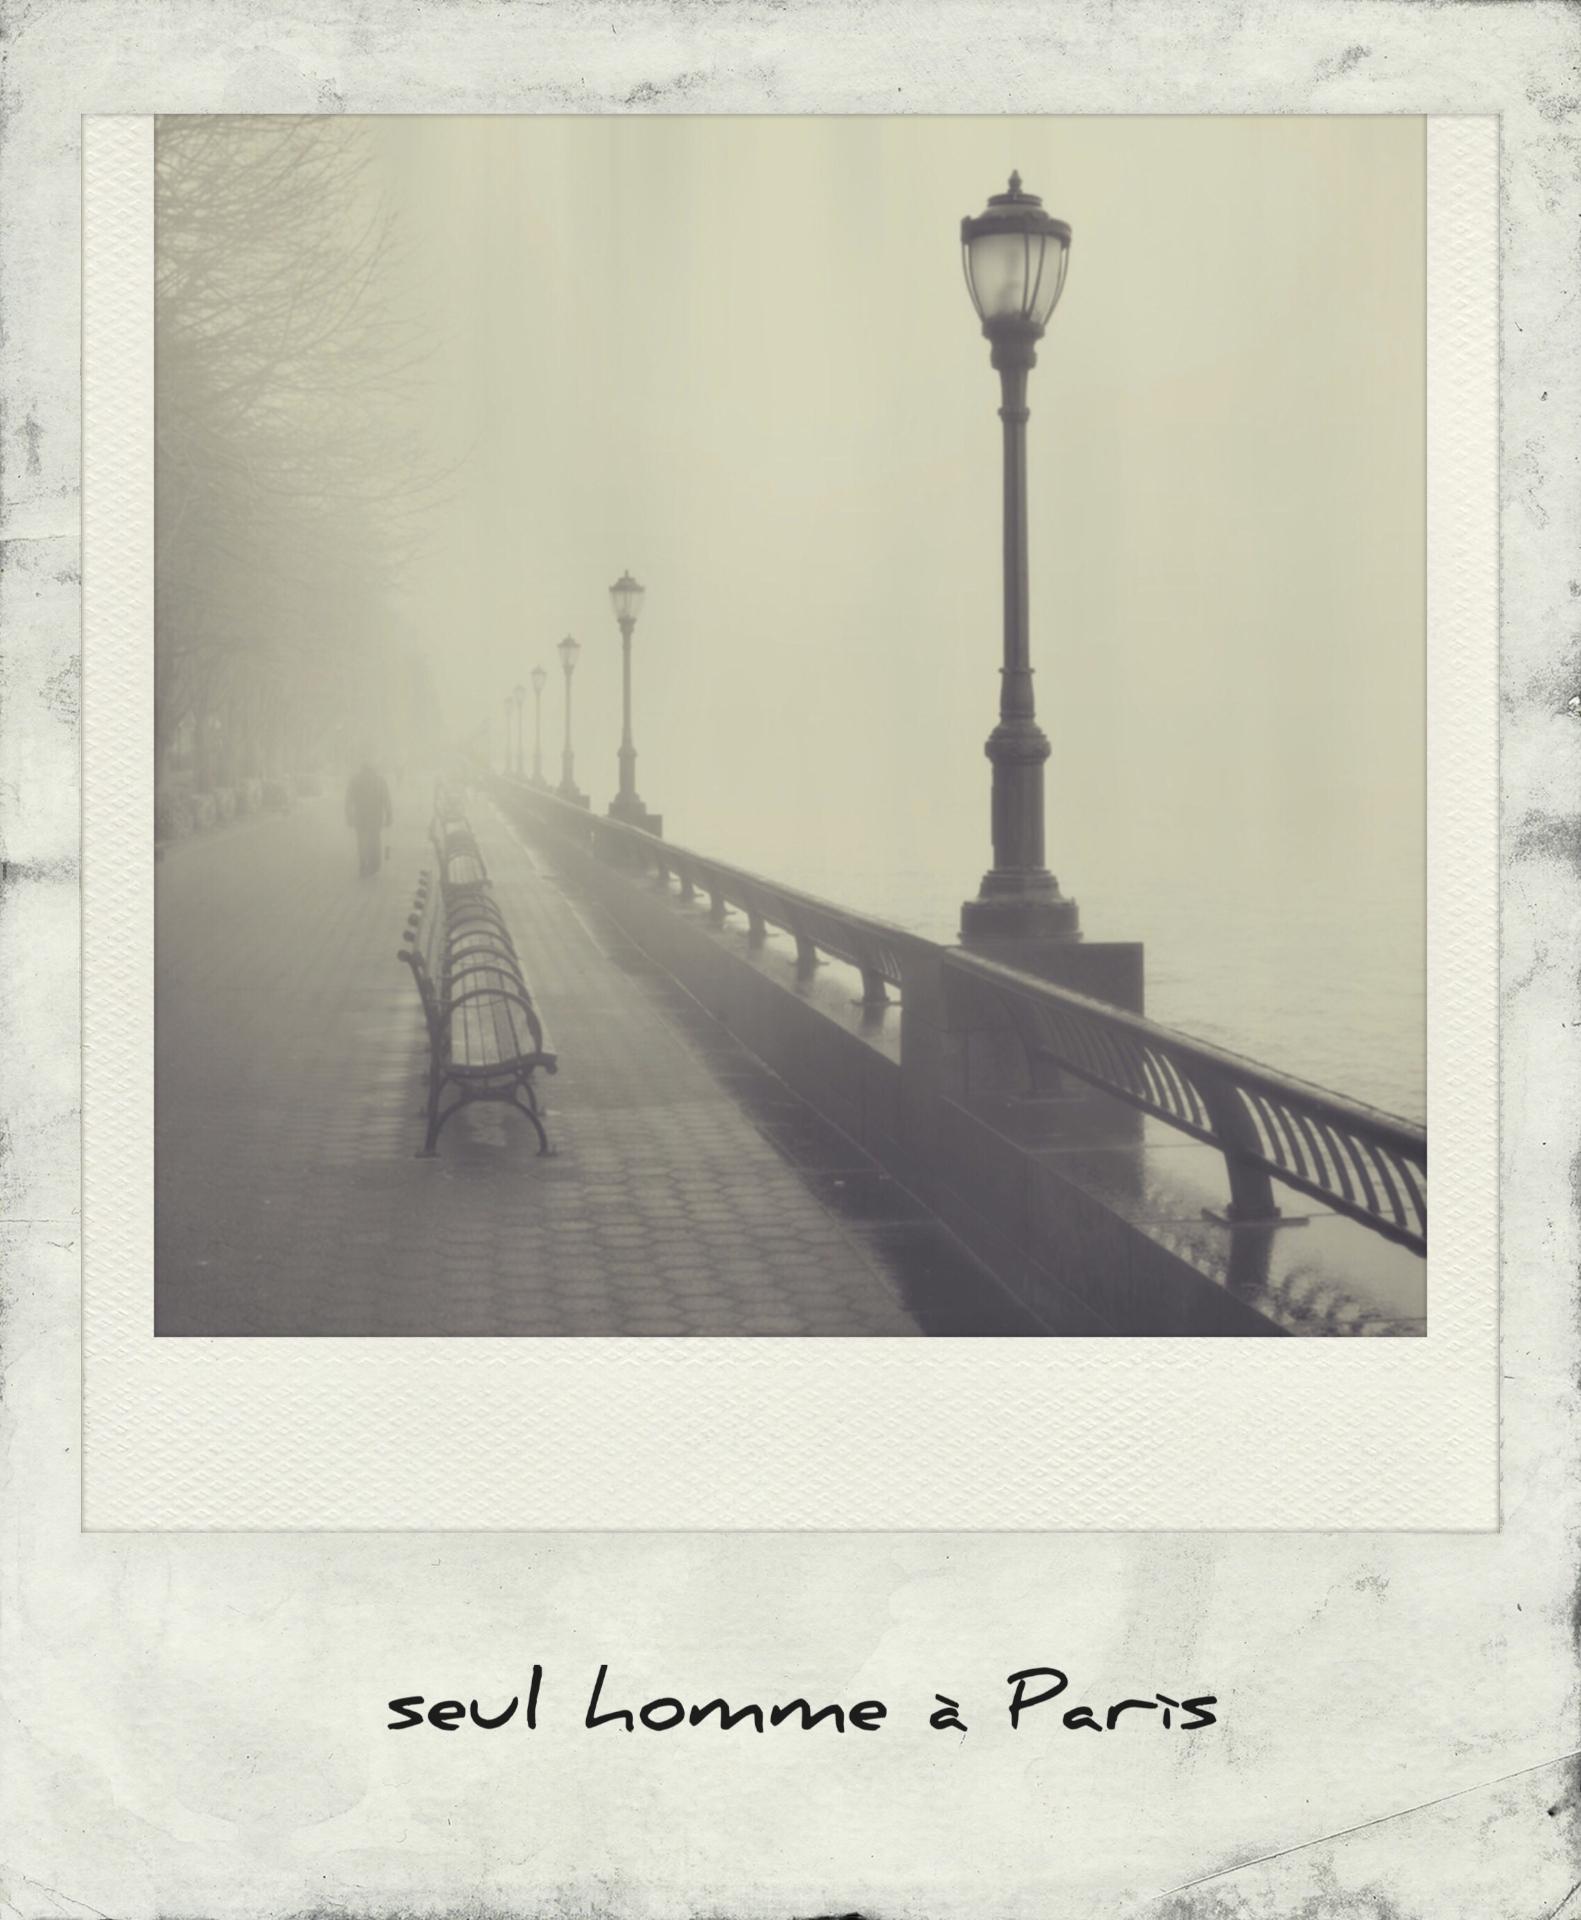 Seul homme a Paris